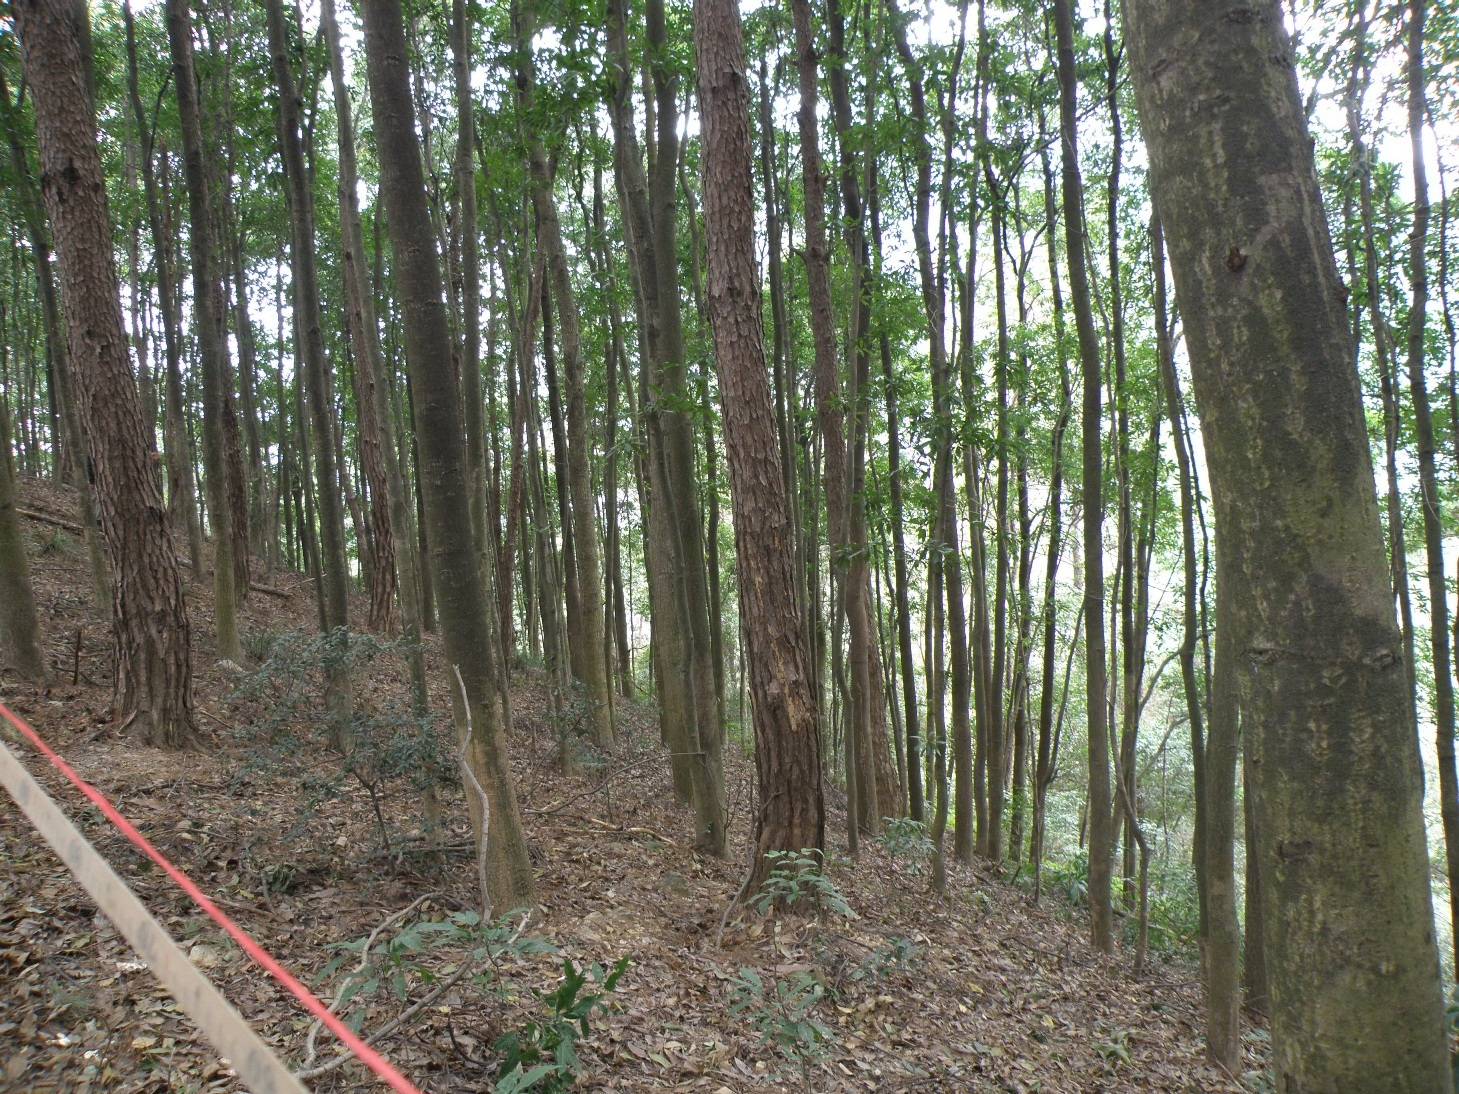 松树适合什么土壤